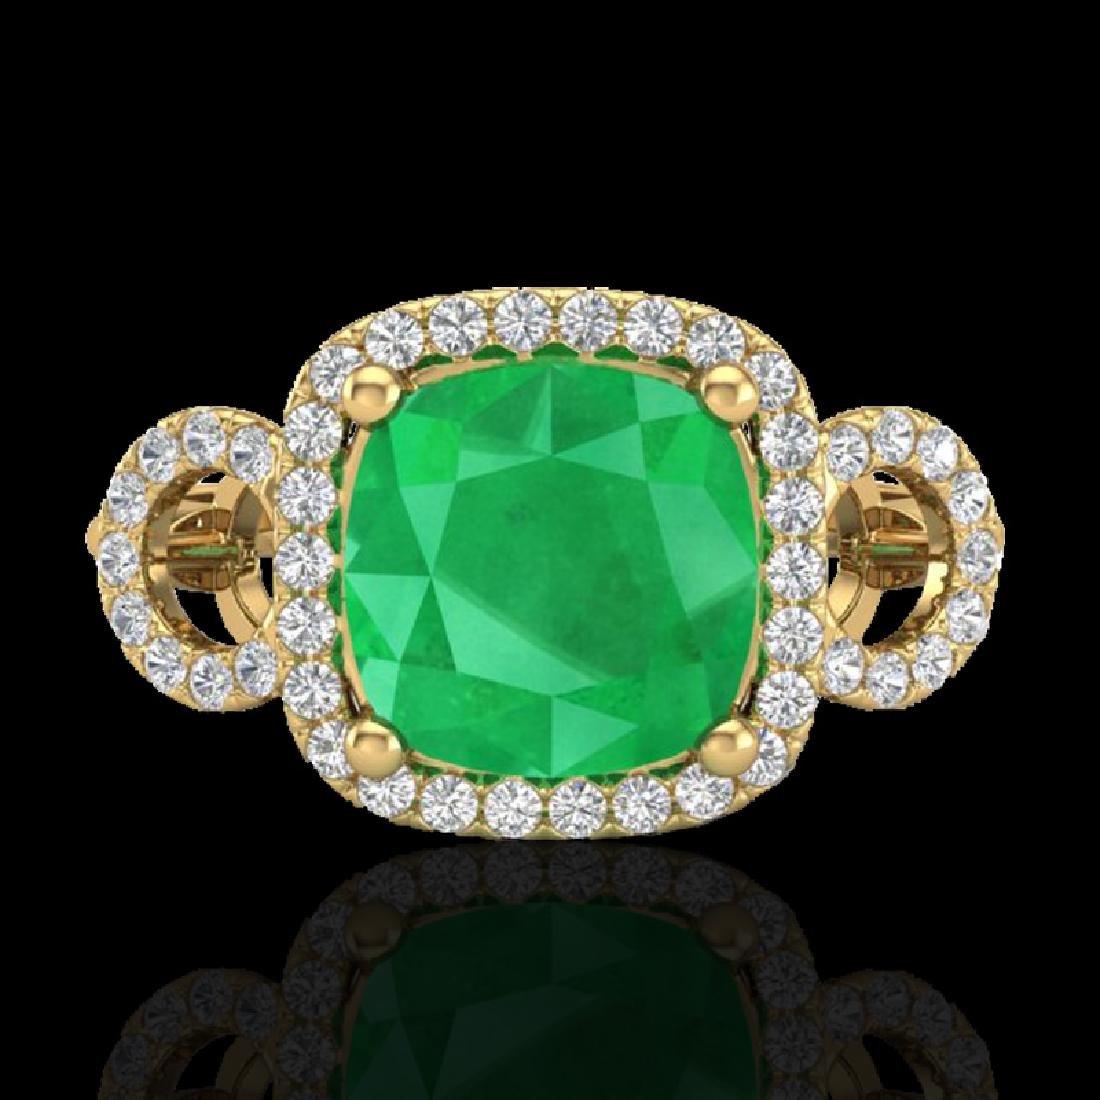 3.15 CTW Emerald & Micro VS/SI Diamond Ring 18K Yellow